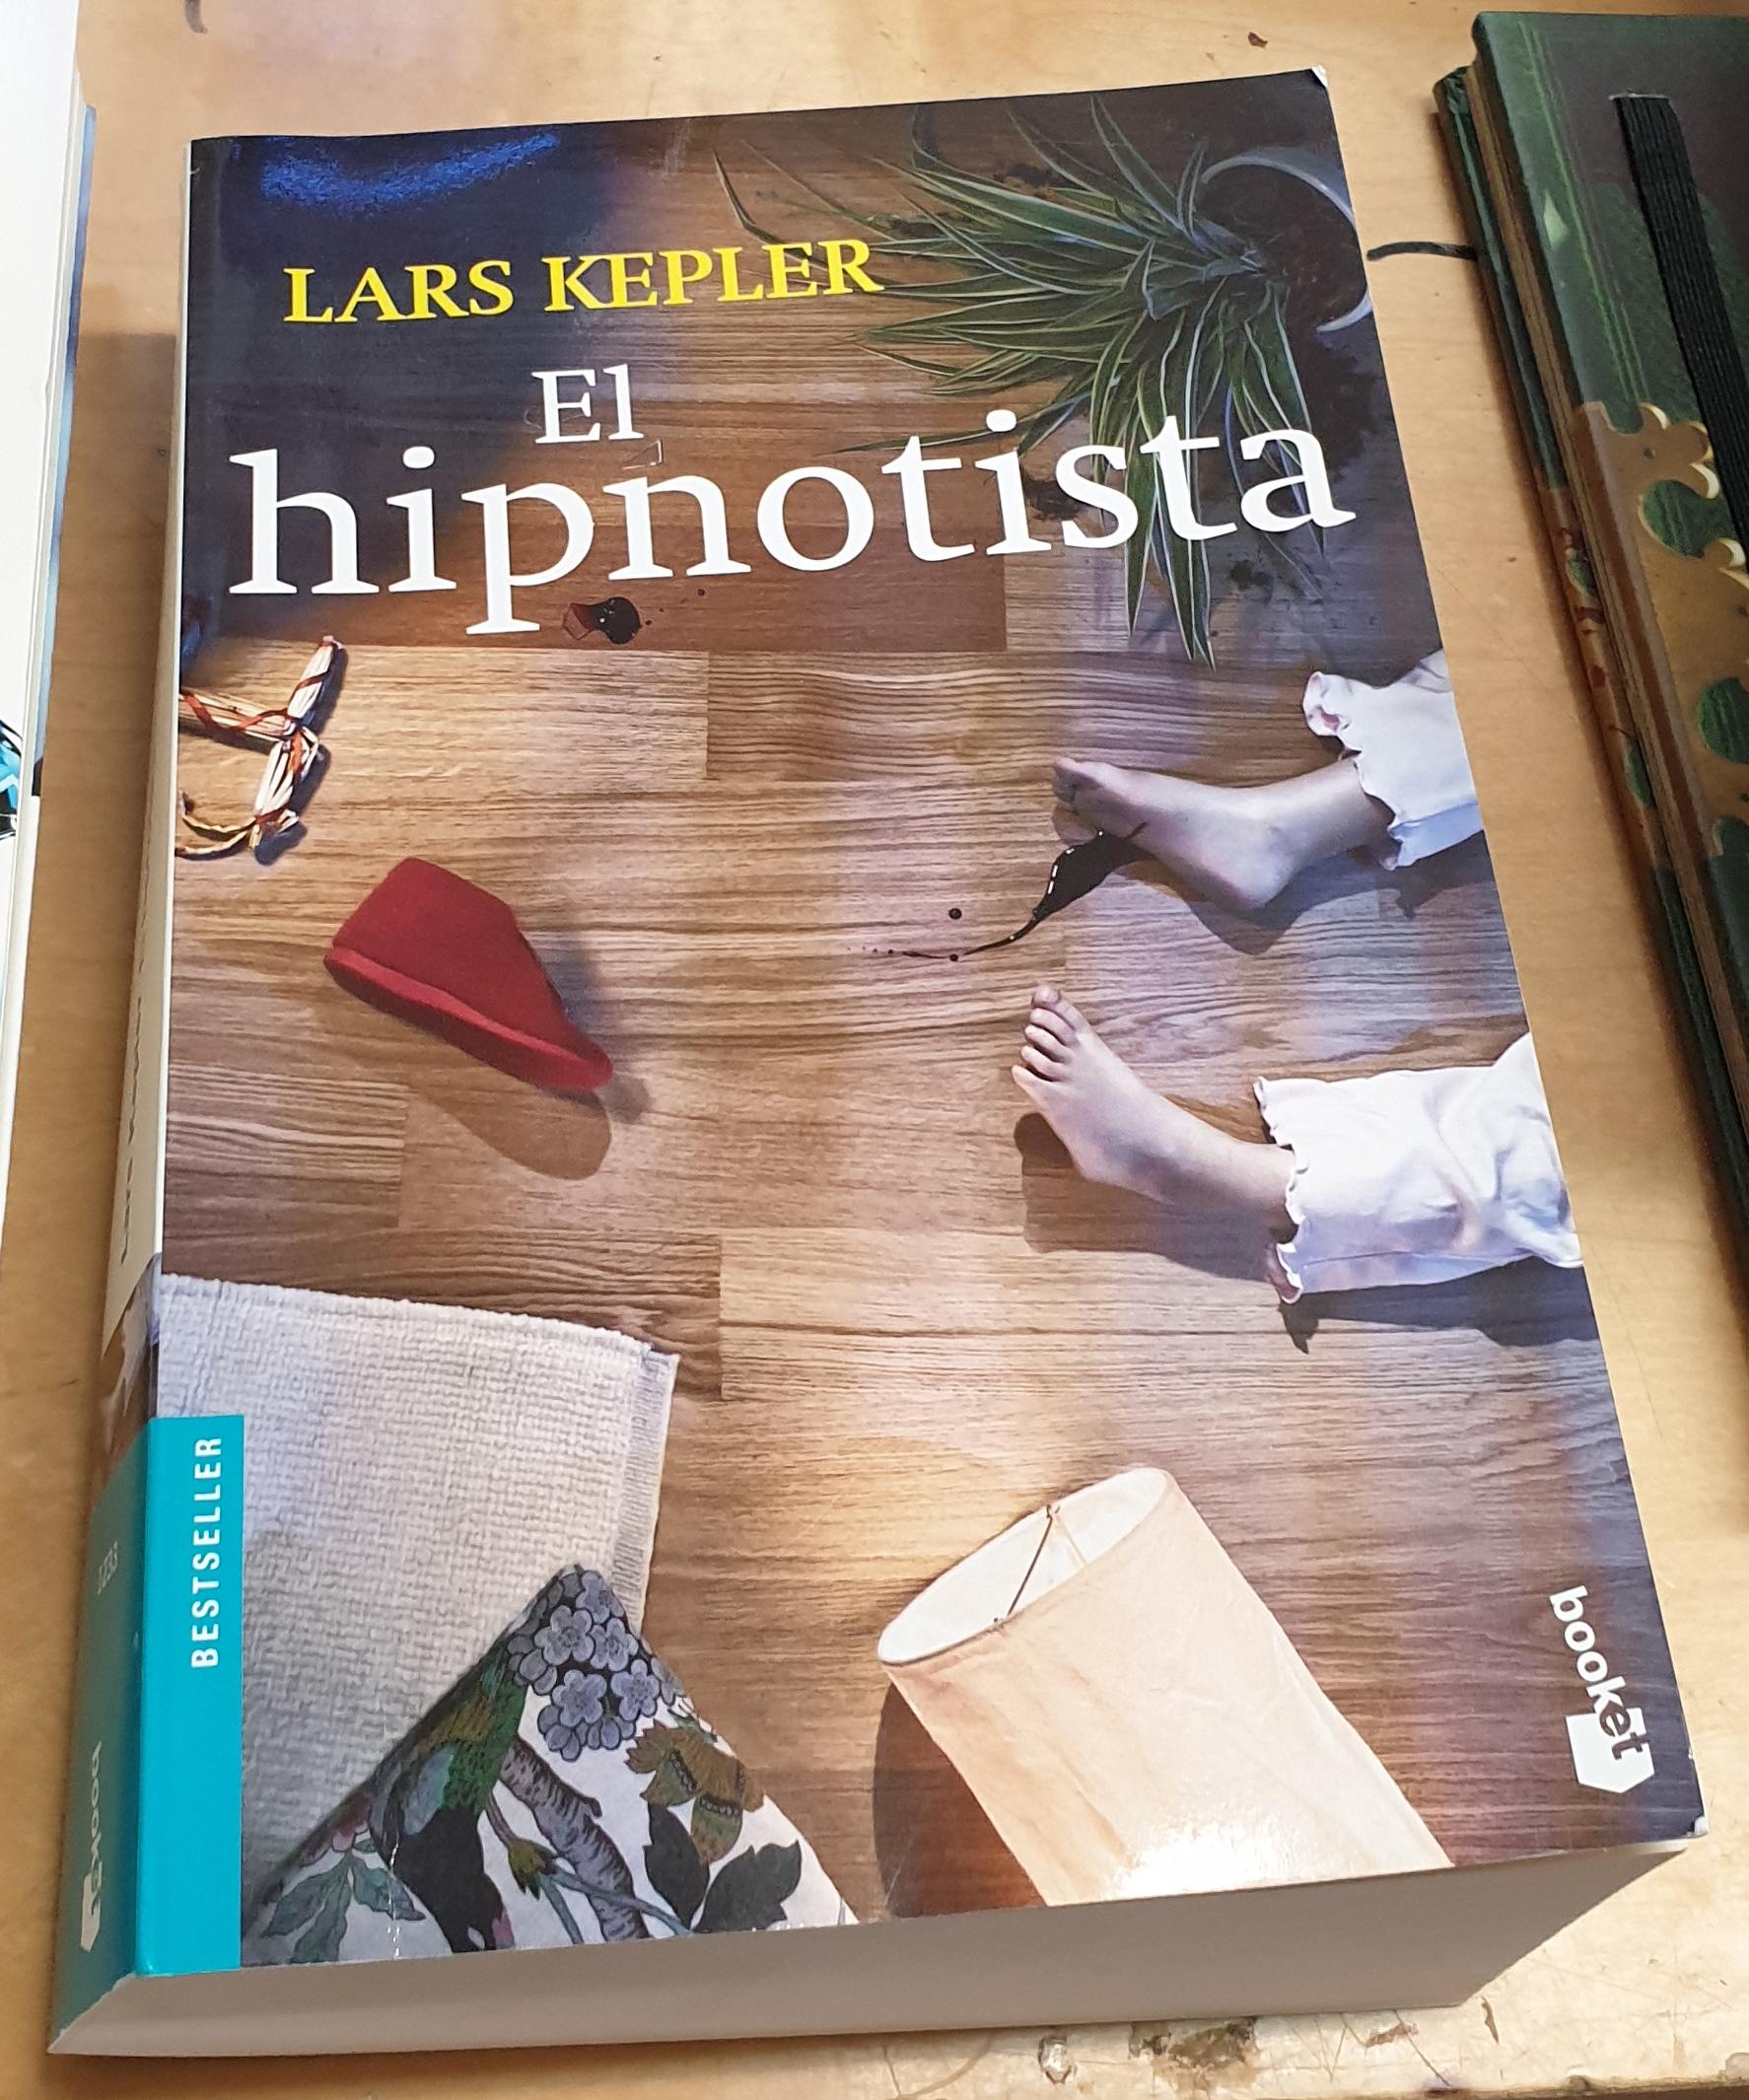 El hipnotista. Traducción María Sierra y Martín Lleonsi - KEPLER, LARS